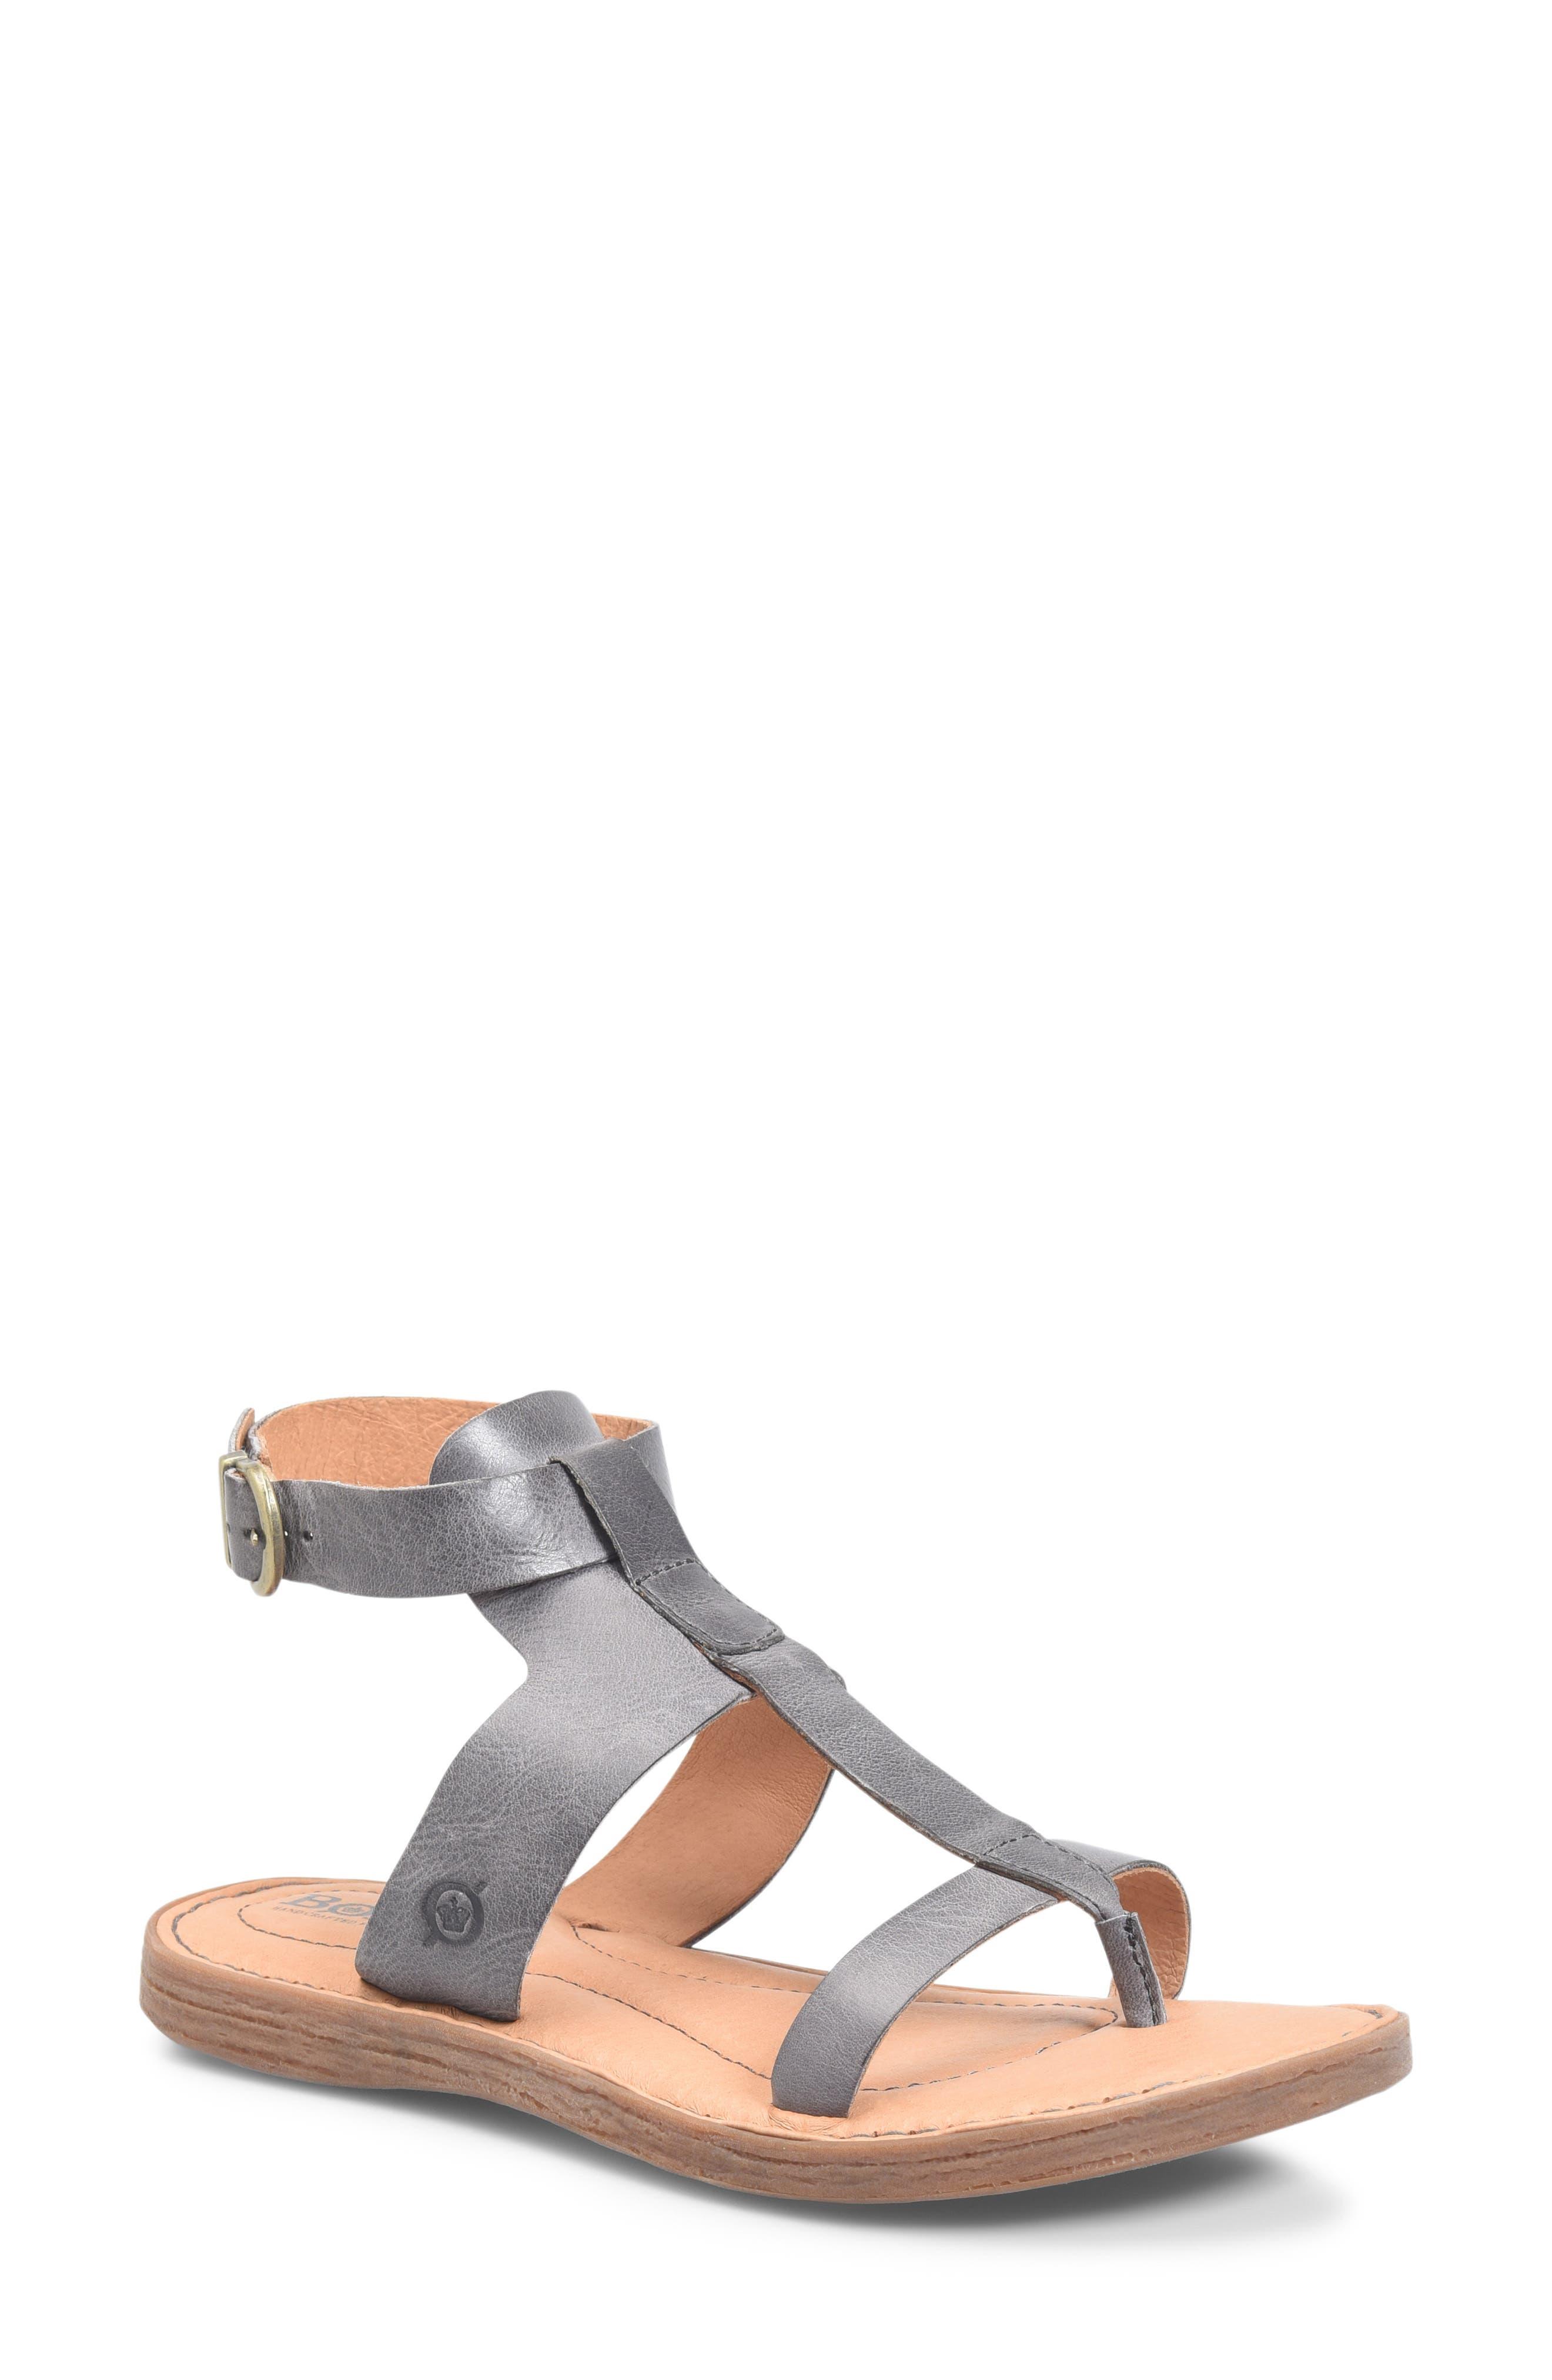 B?rn St. Helens Sandal, Grey